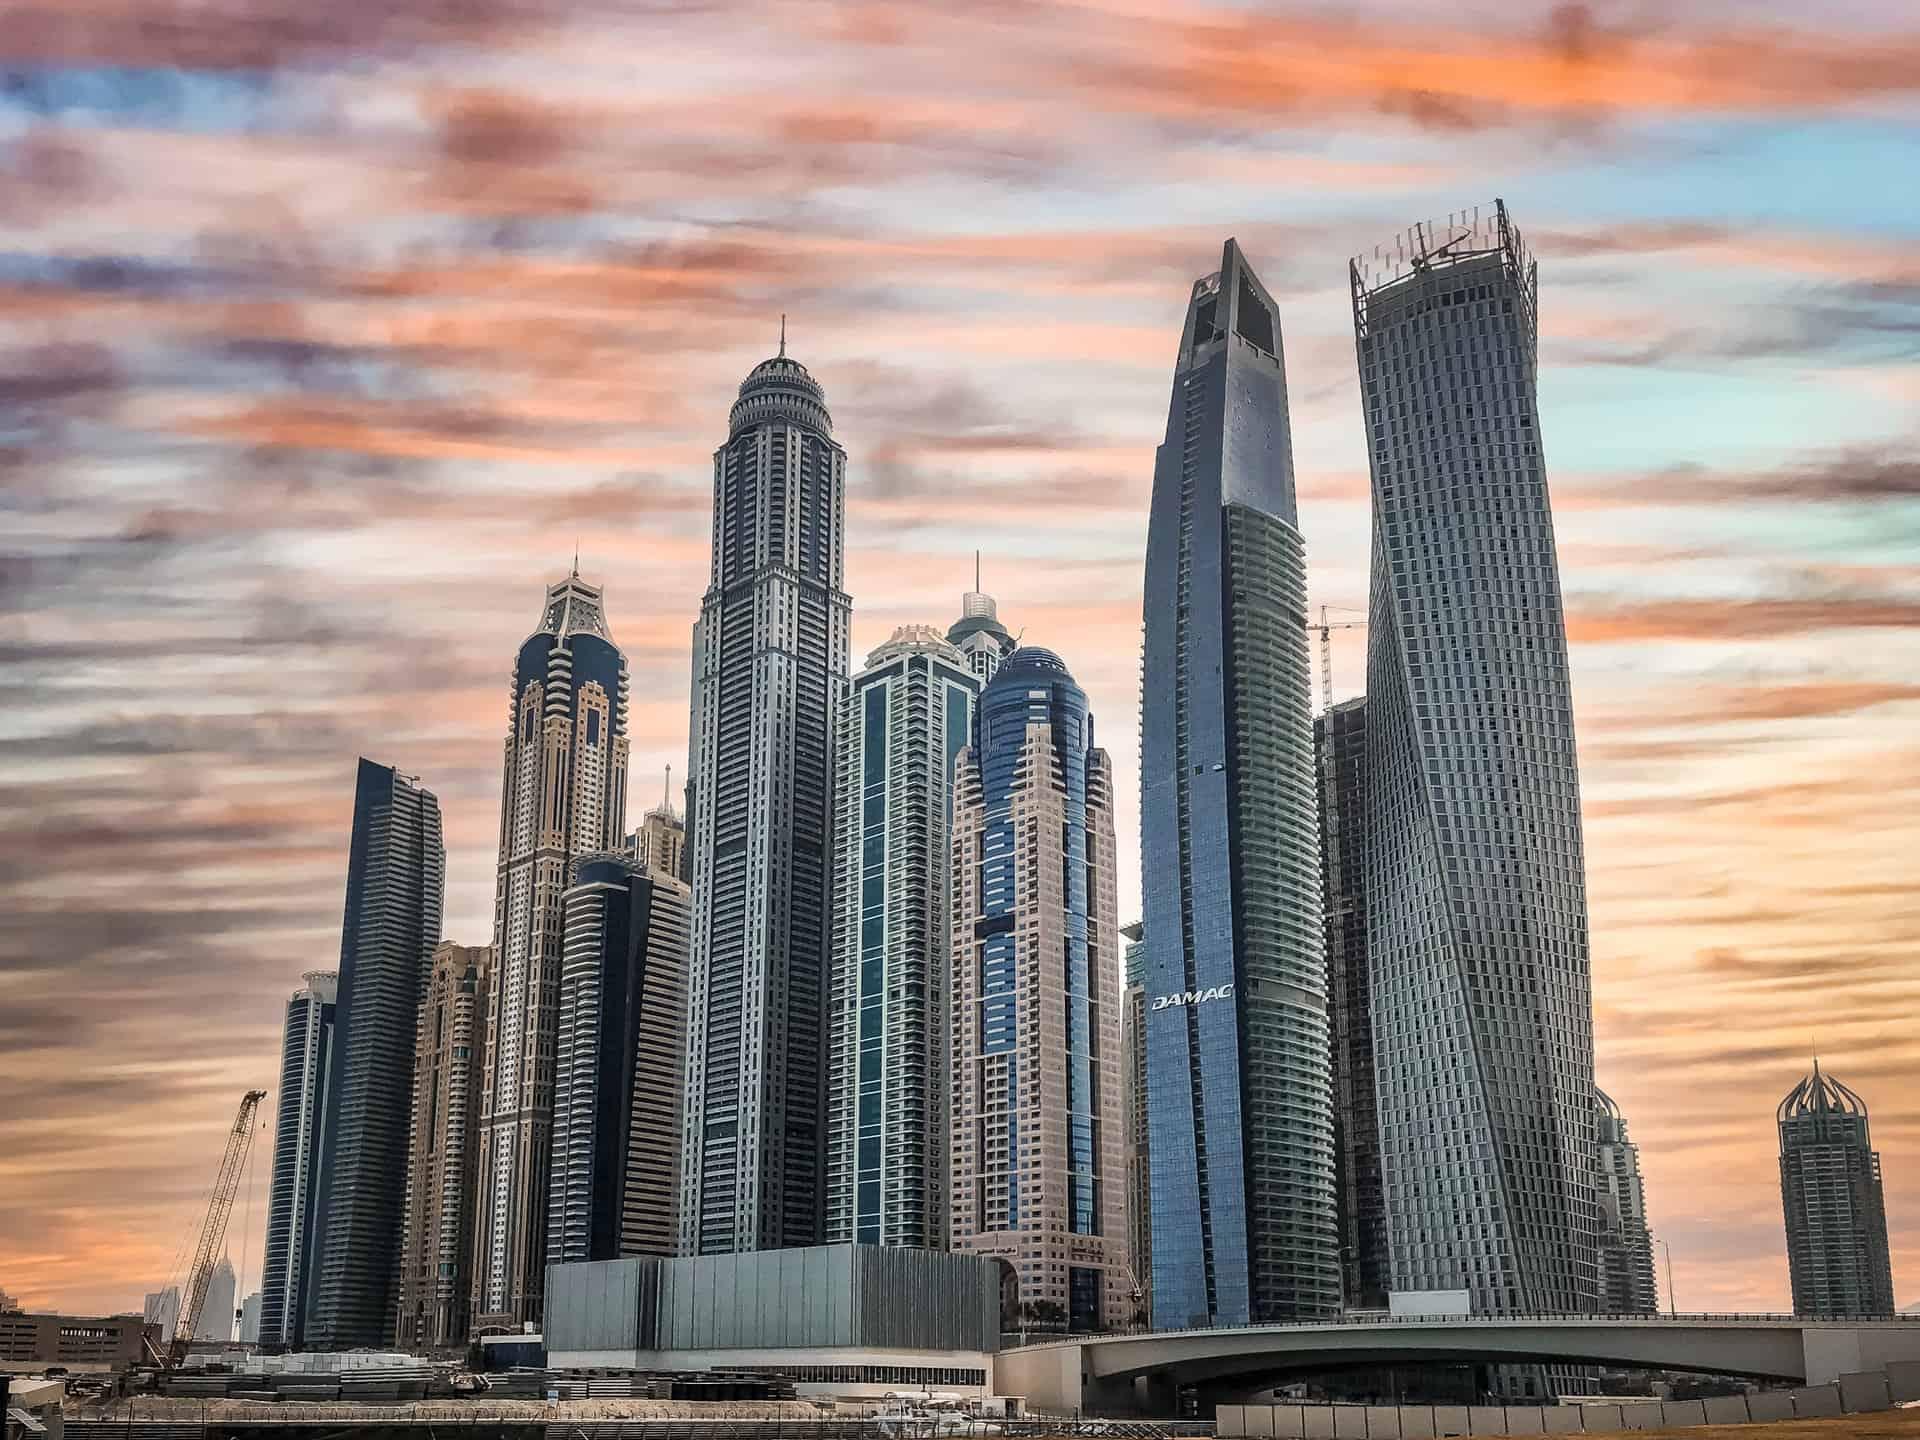 prédios altos com ceu cinzento no dubai